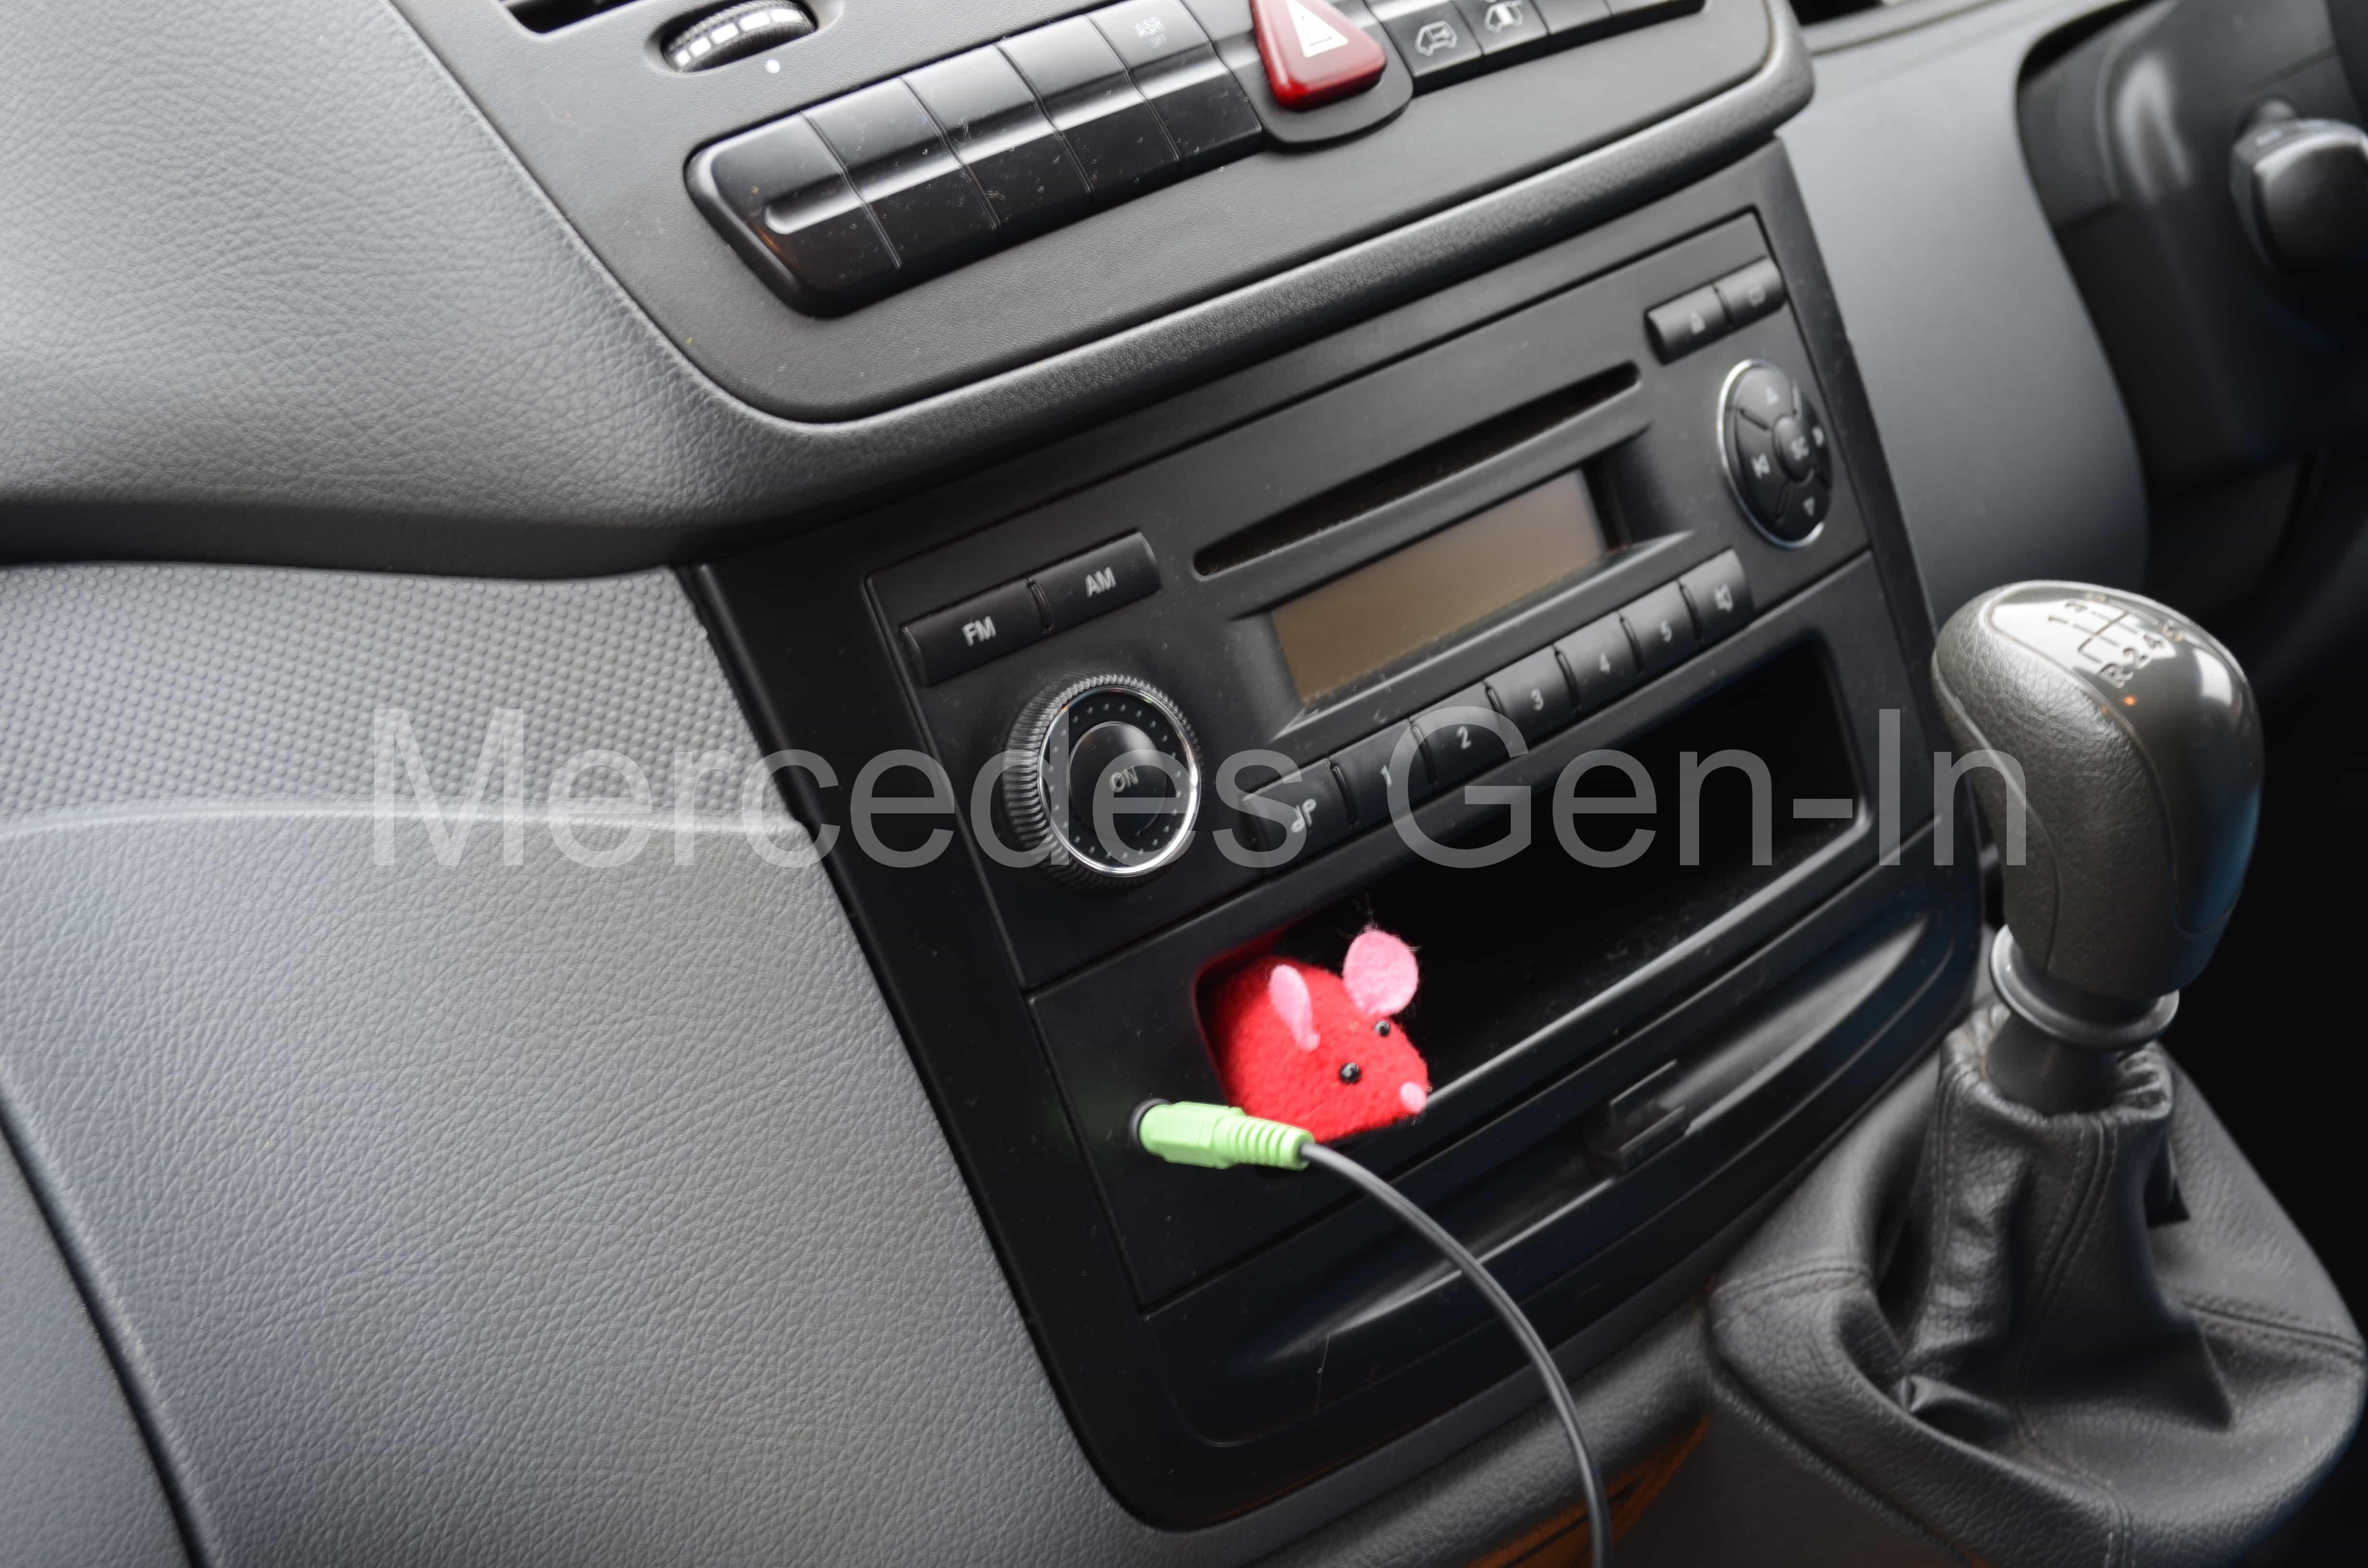 Vito Radio Aux Audio Installation Mercedes Gen In